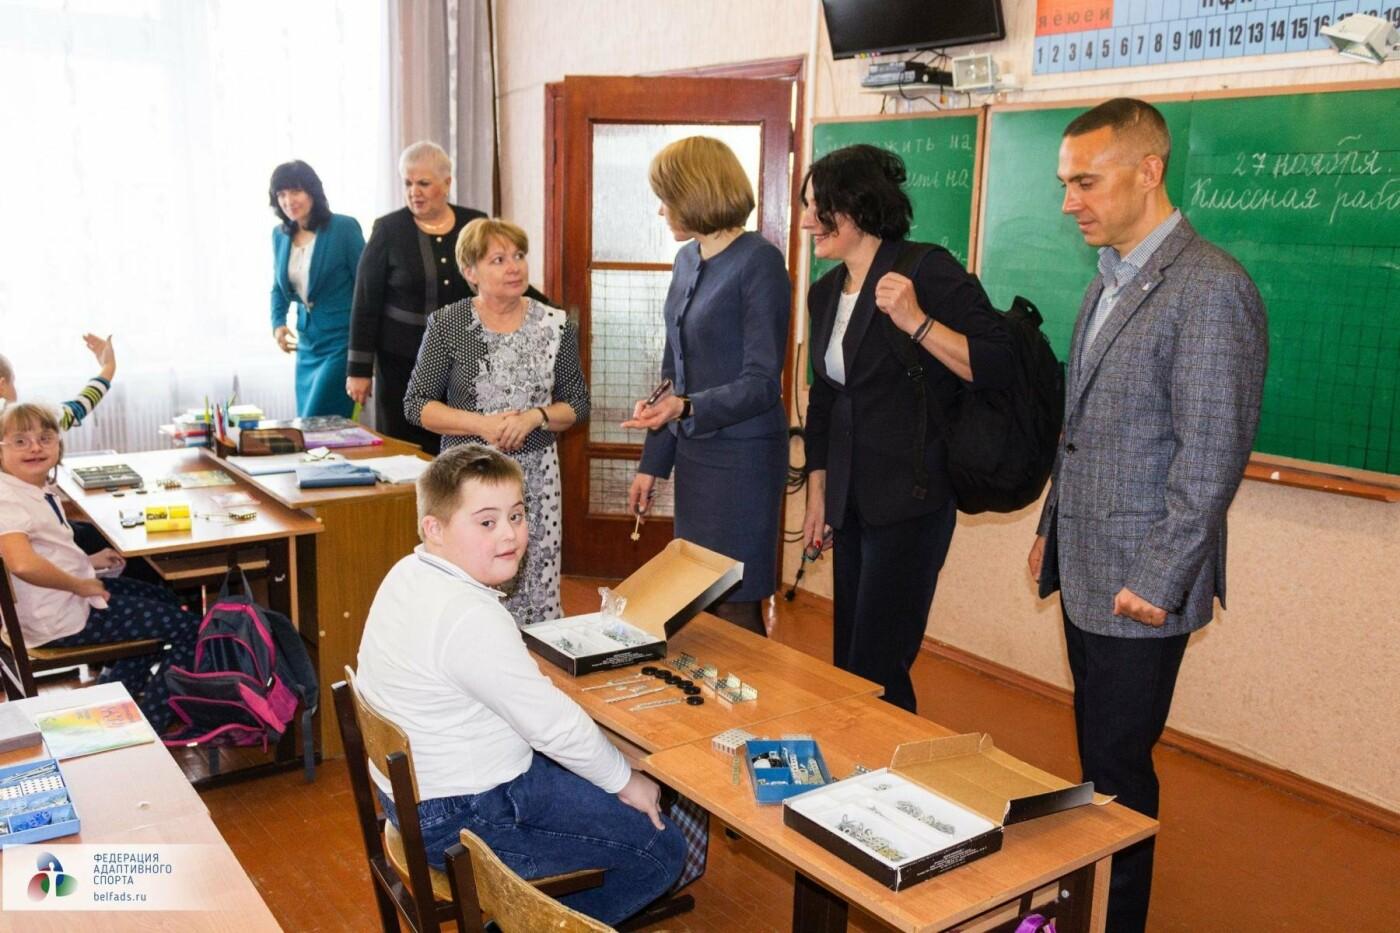 В Белгородской области появится региональное отделение Специальной Олимпиады России. Почему это важно?, фото-1